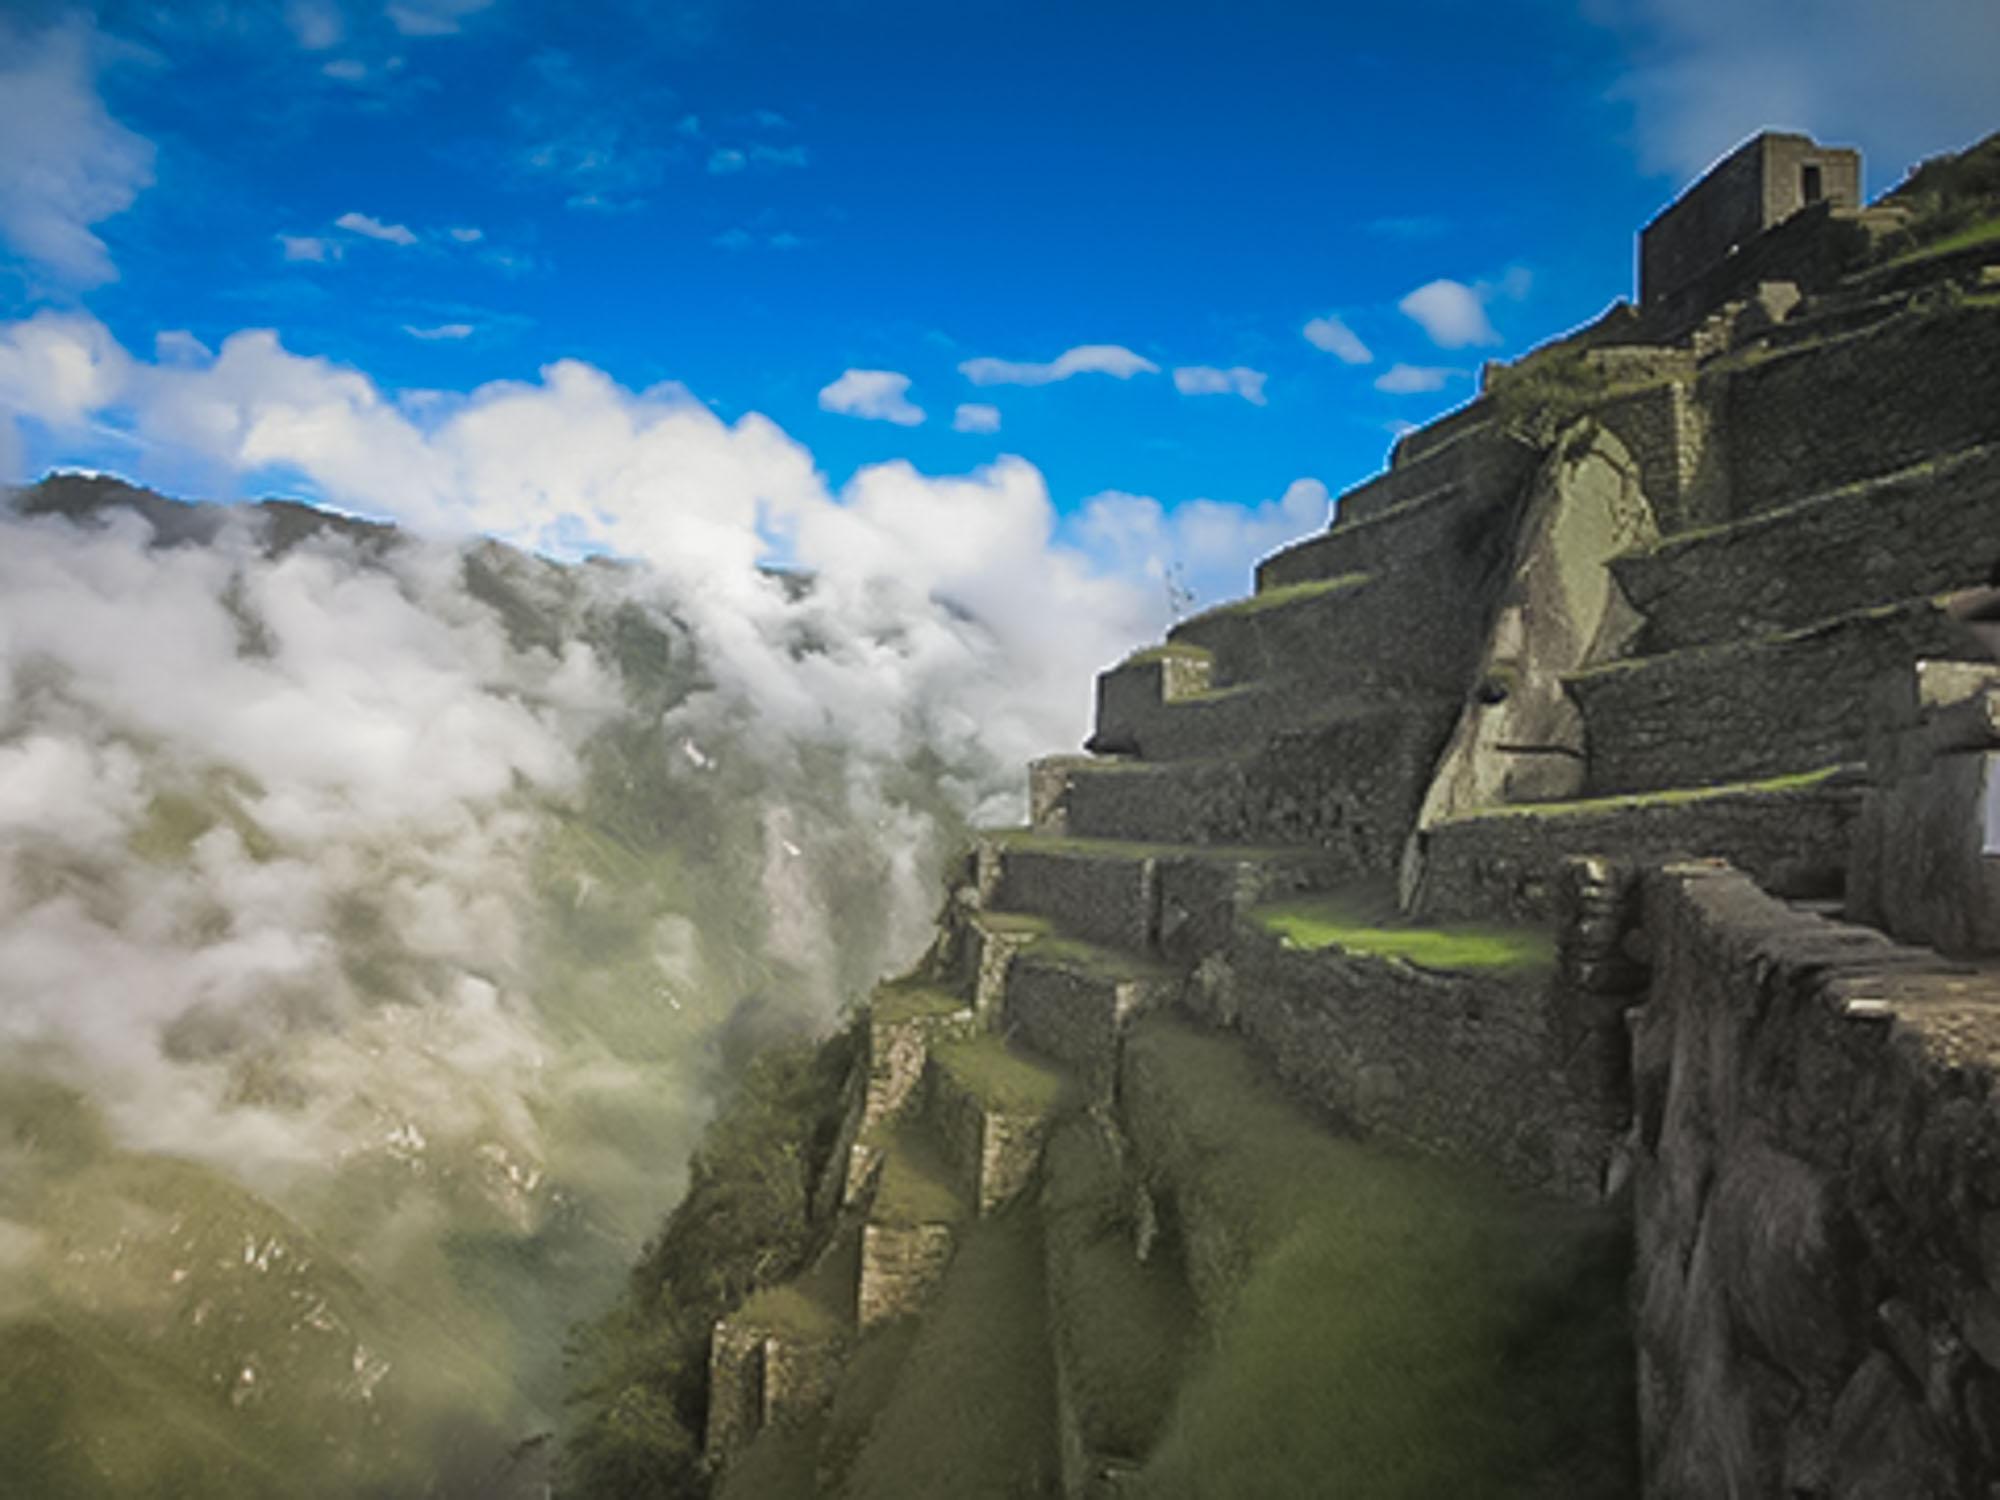 Inca Trail trek in Peru: 4 day Machu Picchu trekking holiday